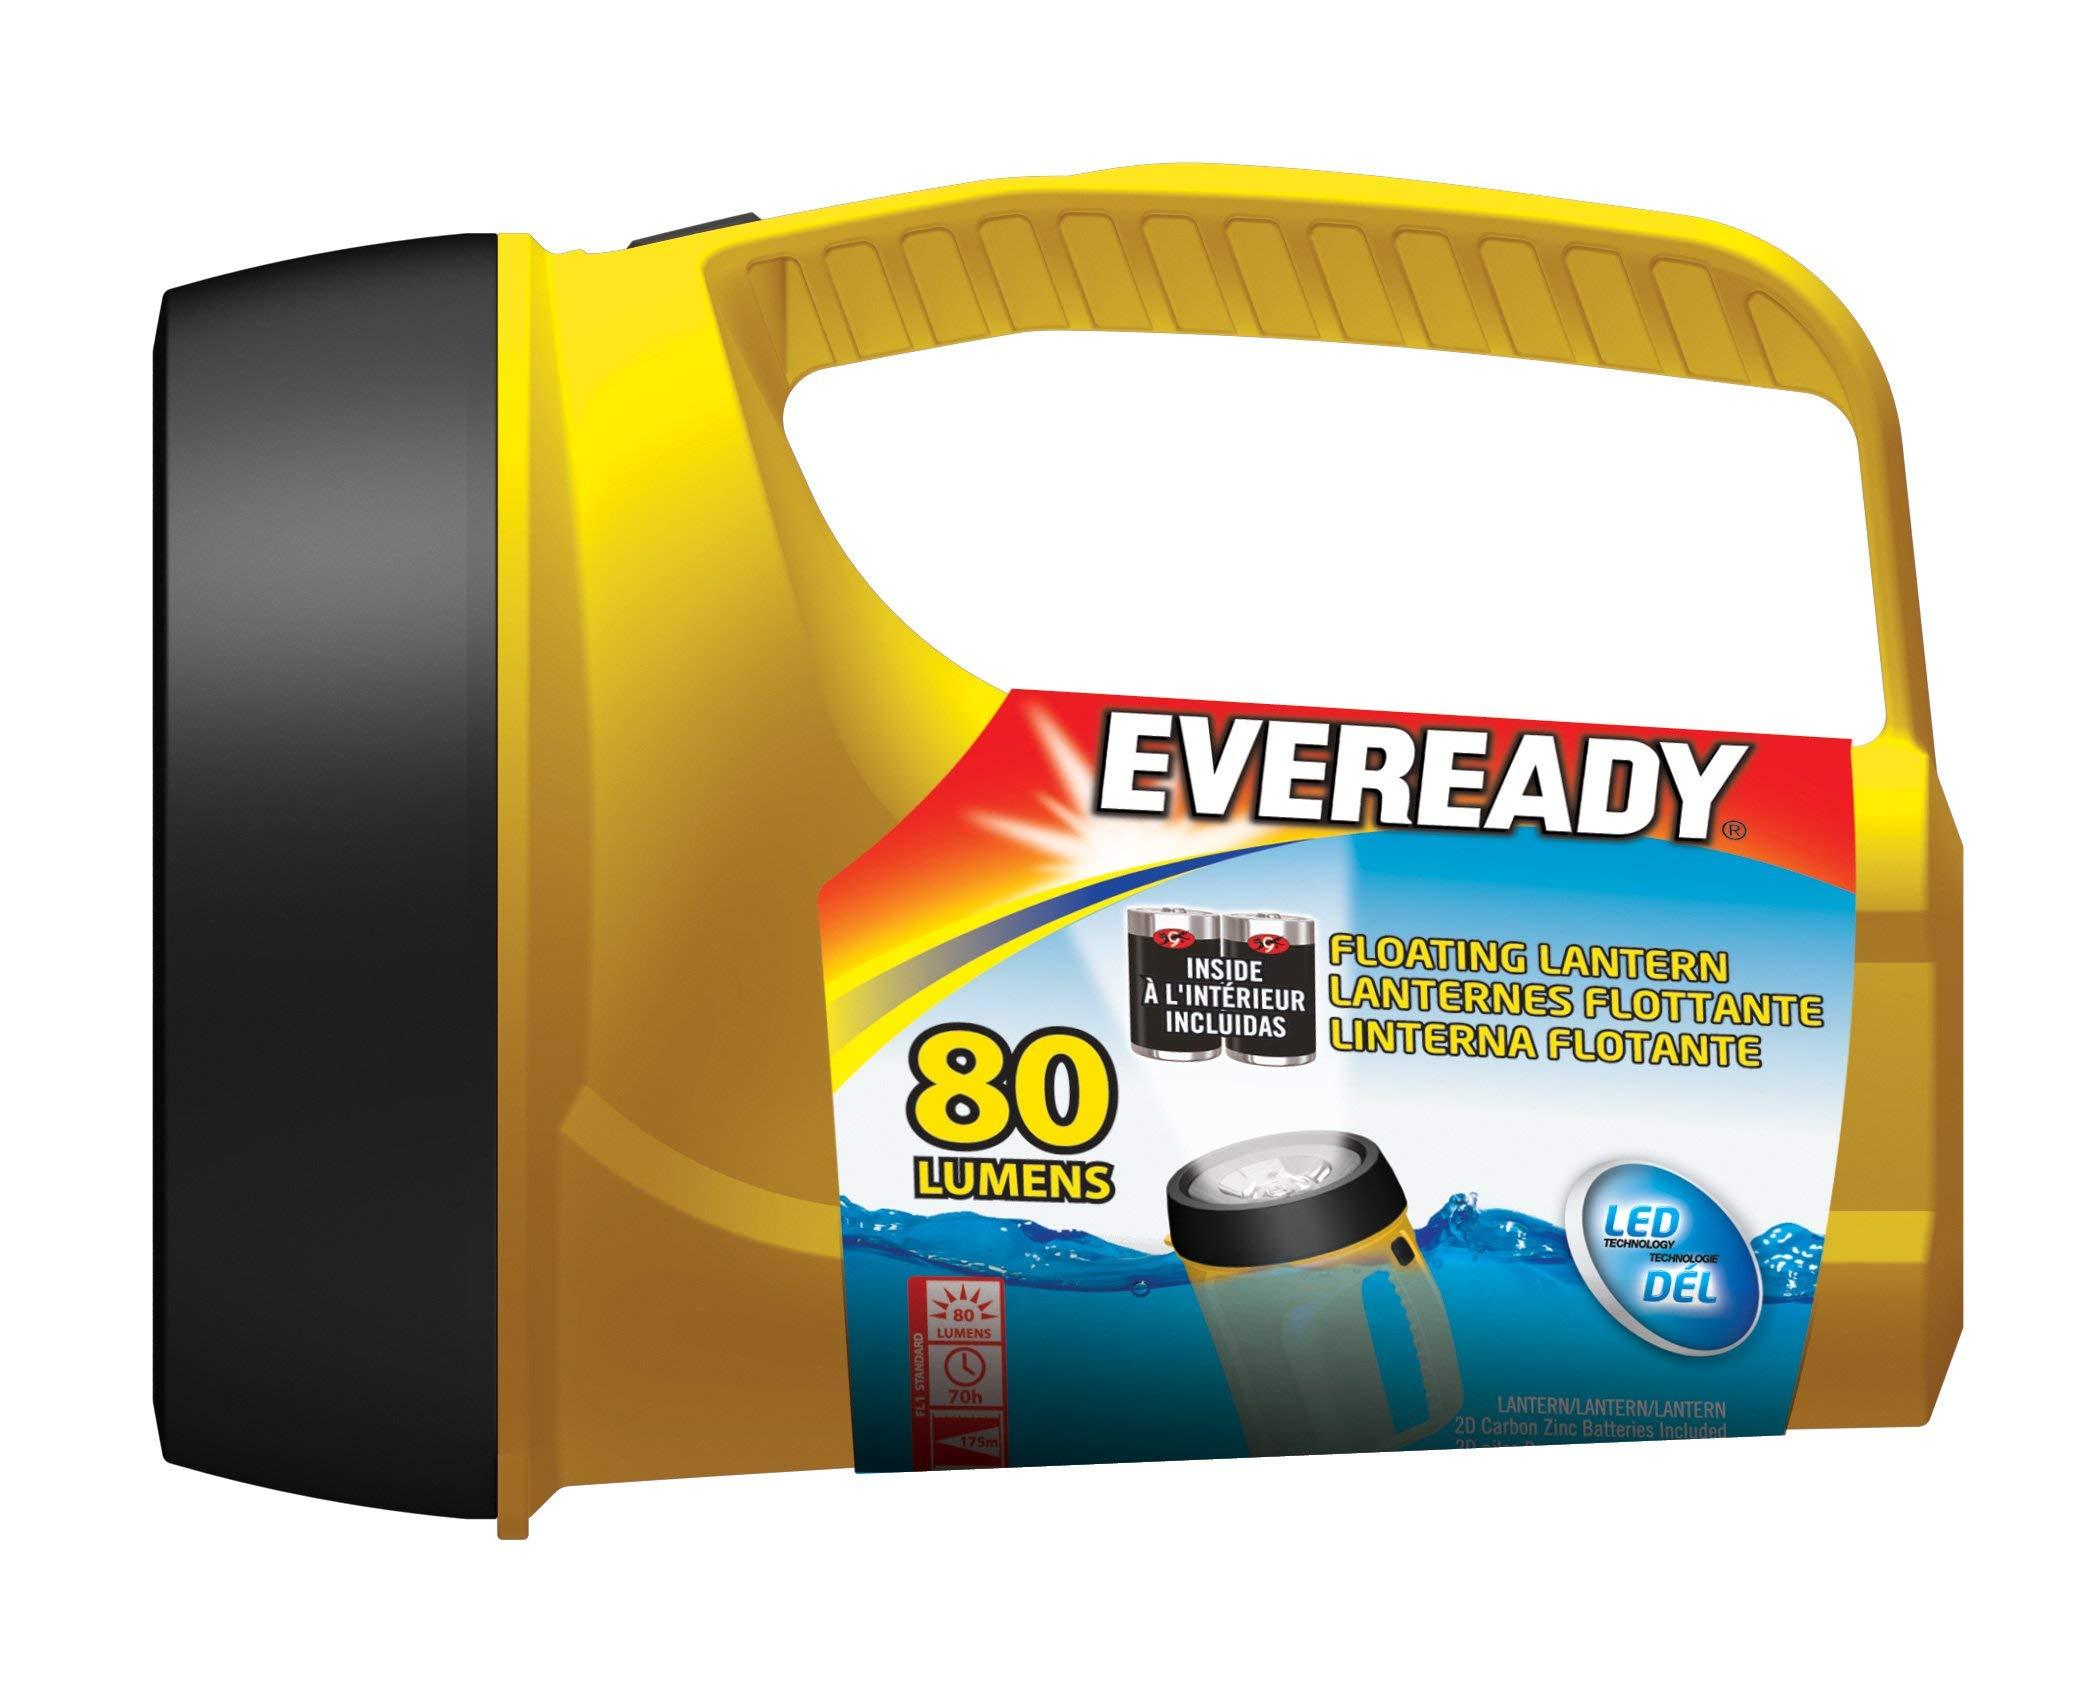 Eveready Readyflex LED Floating Lantern